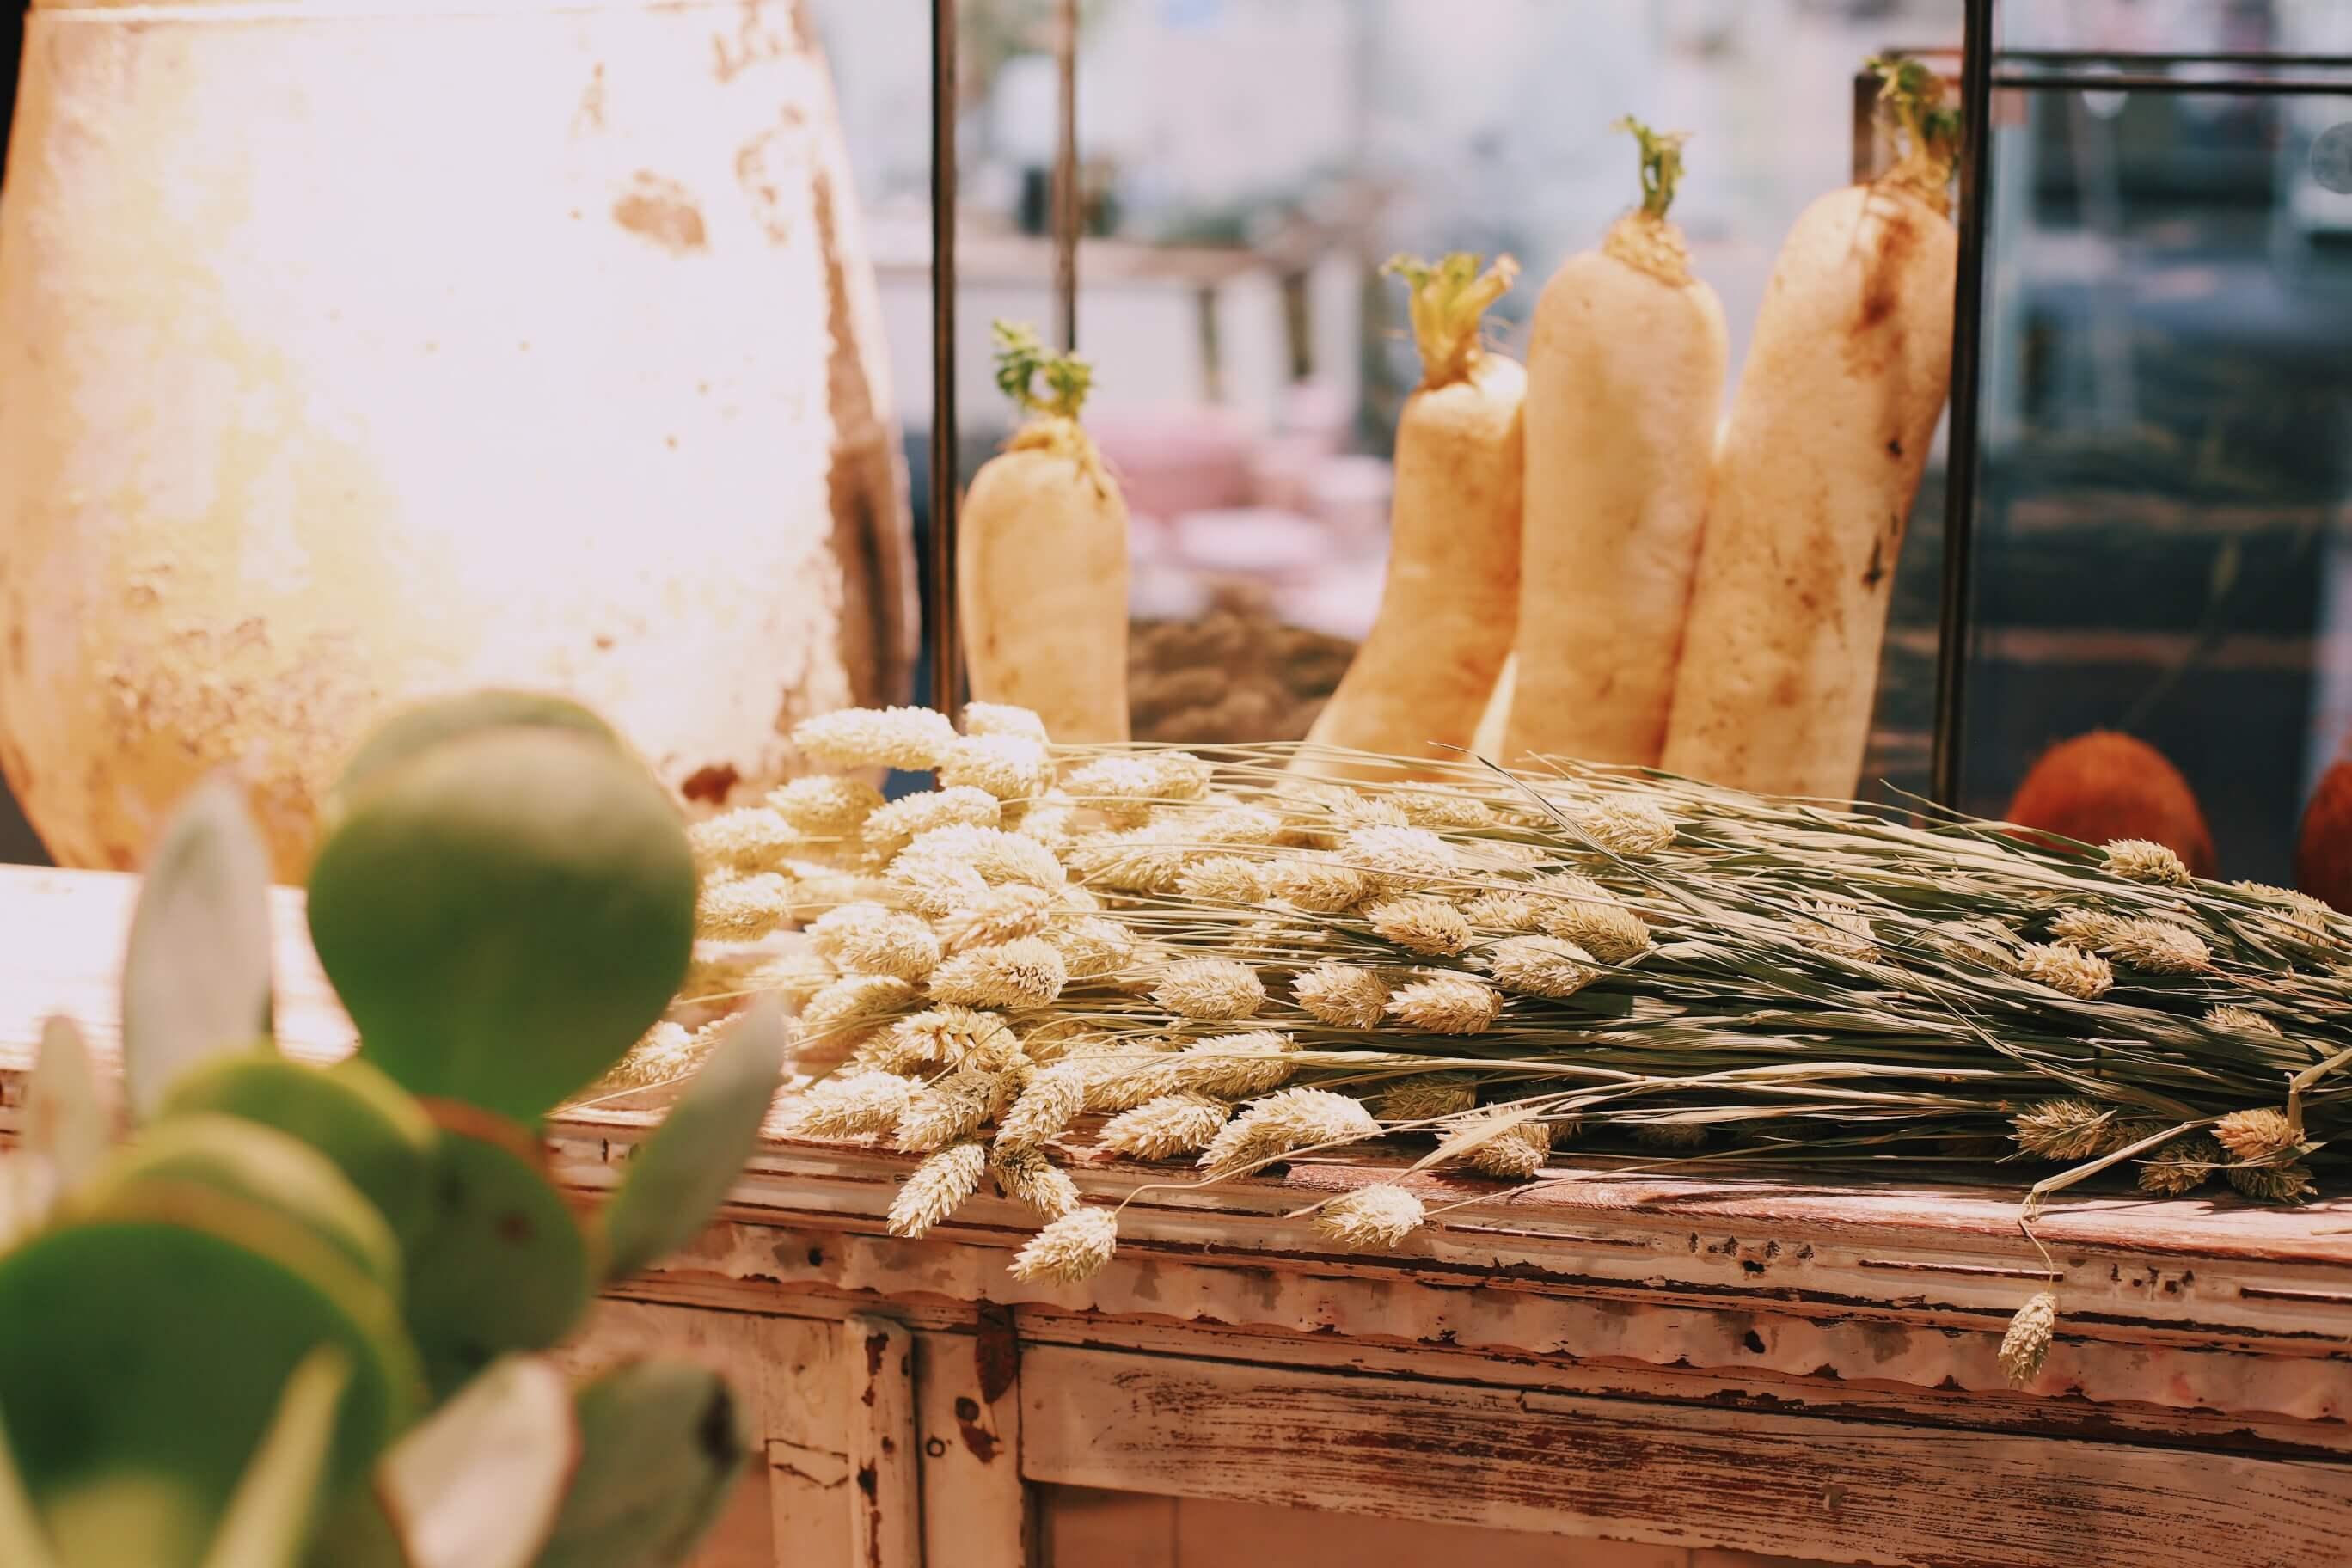 Heinänippu rennosti lipaston päällä ja taustalla palsternakat, jotka tekevät versoa, tuovat kontrastia.